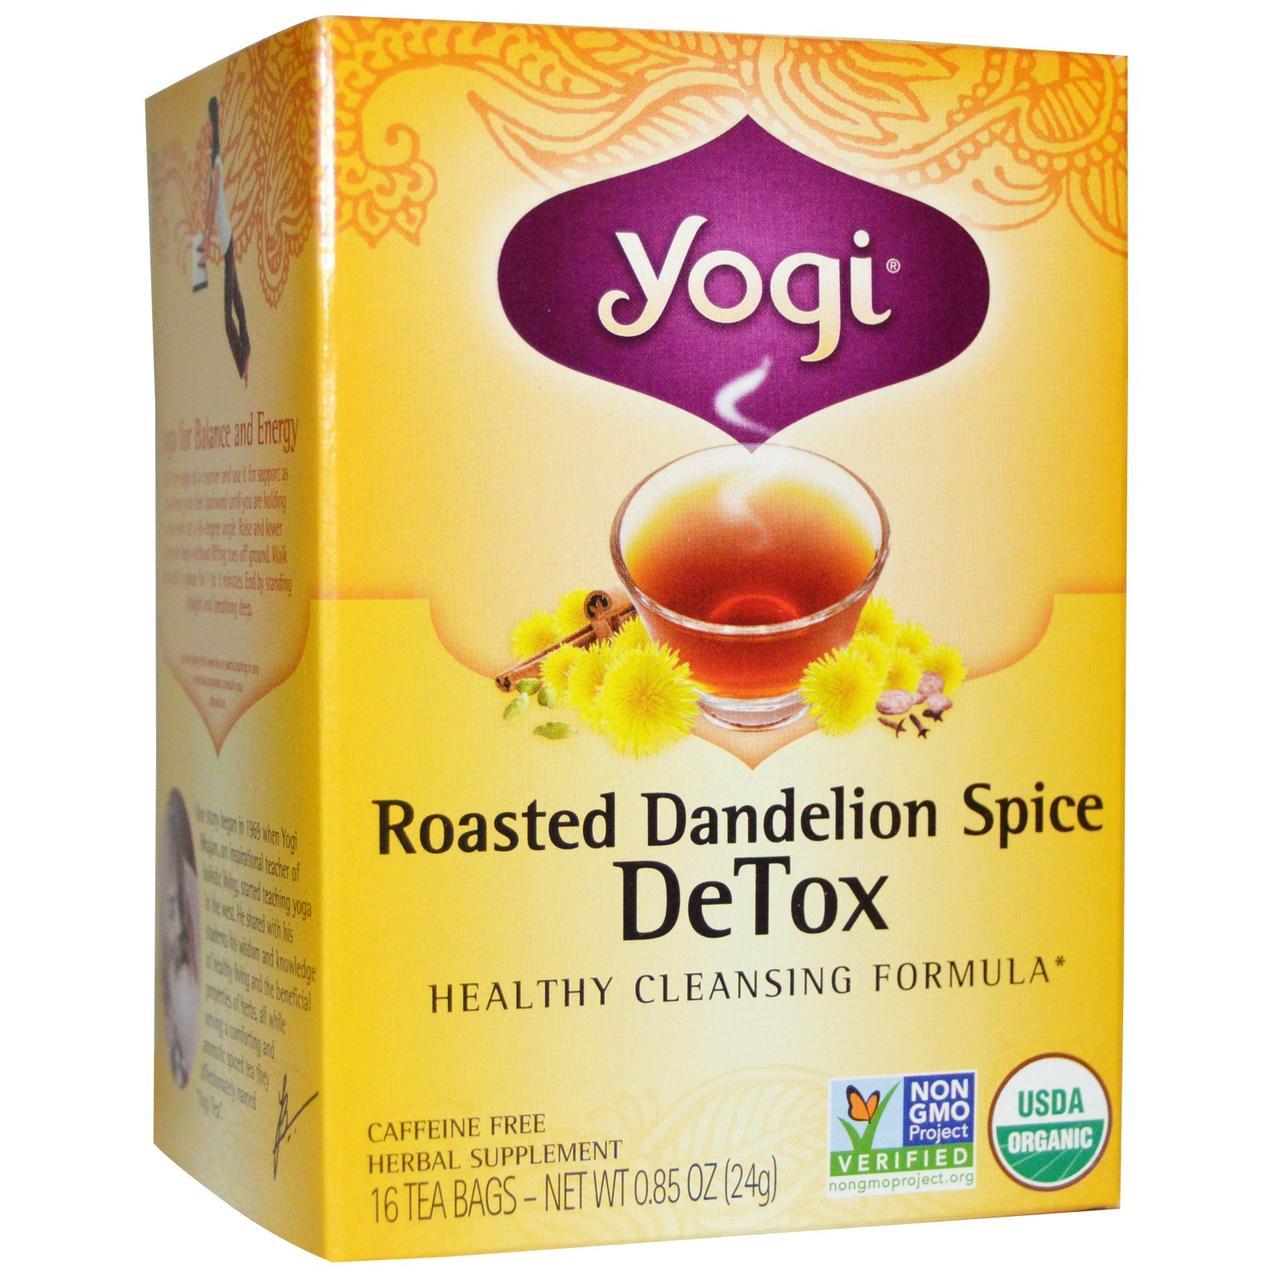 Yogi Tea, Чай для выведения токсинов, с поджаренным одуванчиком и специями, 16 пакетиков, 0.85 унций (24 г) - Интернет-магазин для здоровой жизни в Киеве